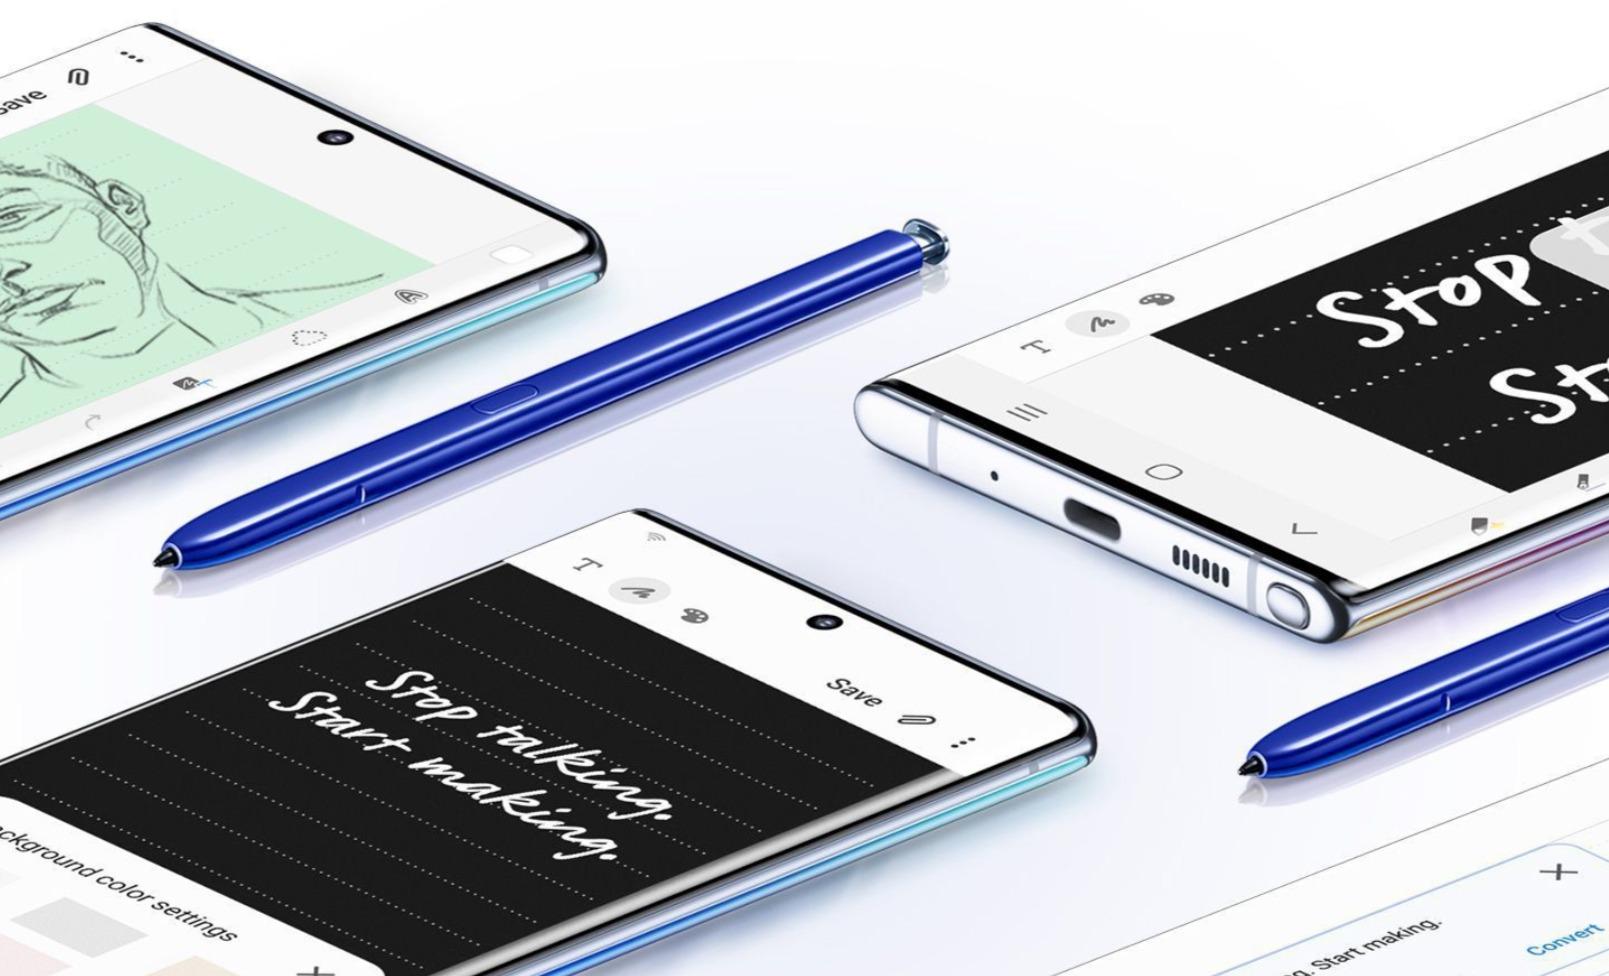 Mehr Details zum günstigsten Modell der Note-Reihe von Samsung, das nach Europa kommen soll